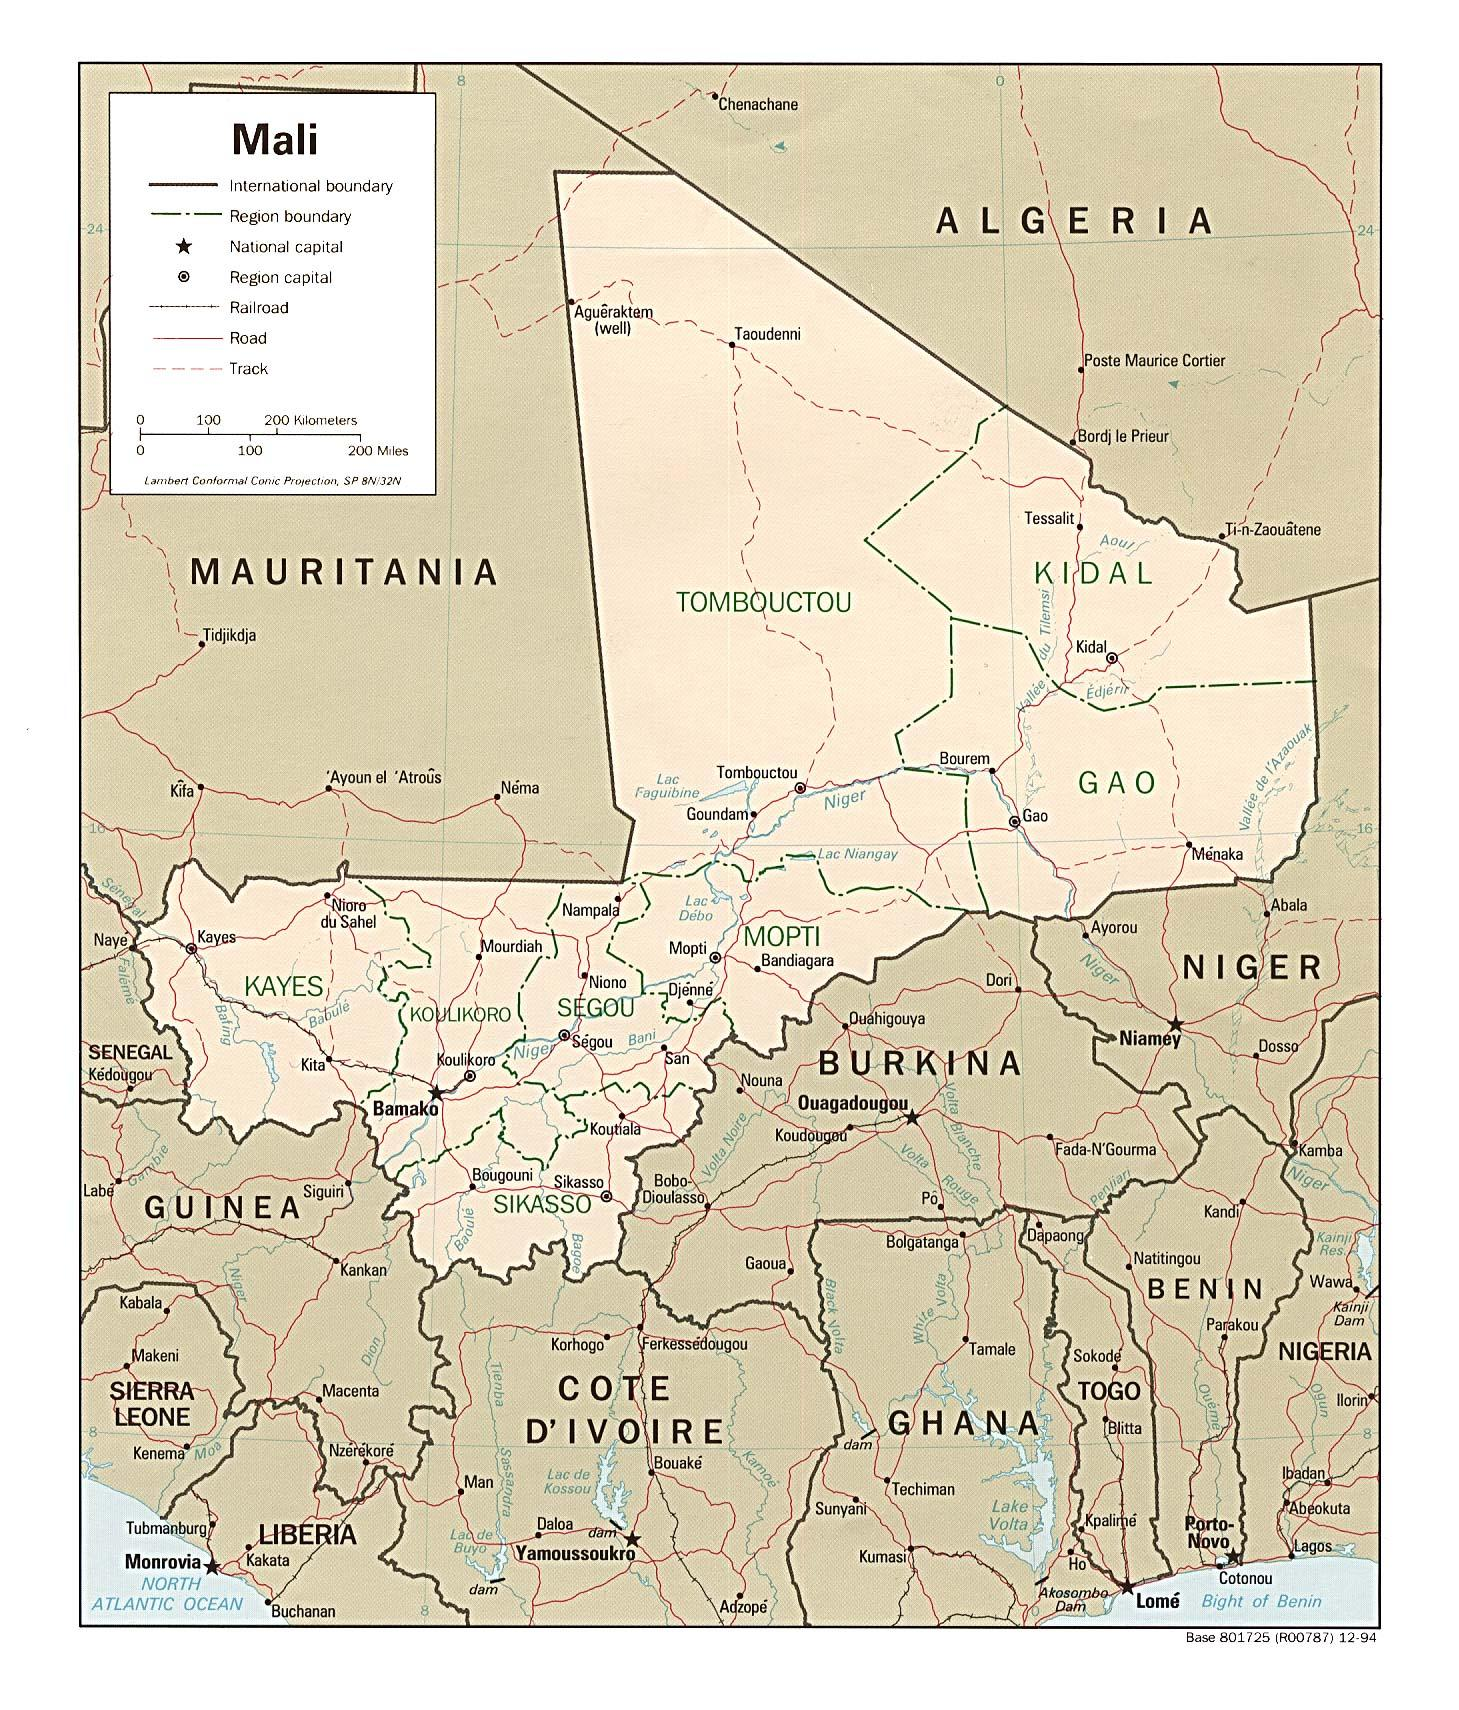 Mali Land Kort Kort Over Mali Land Det Vestlige Afrika Afrika